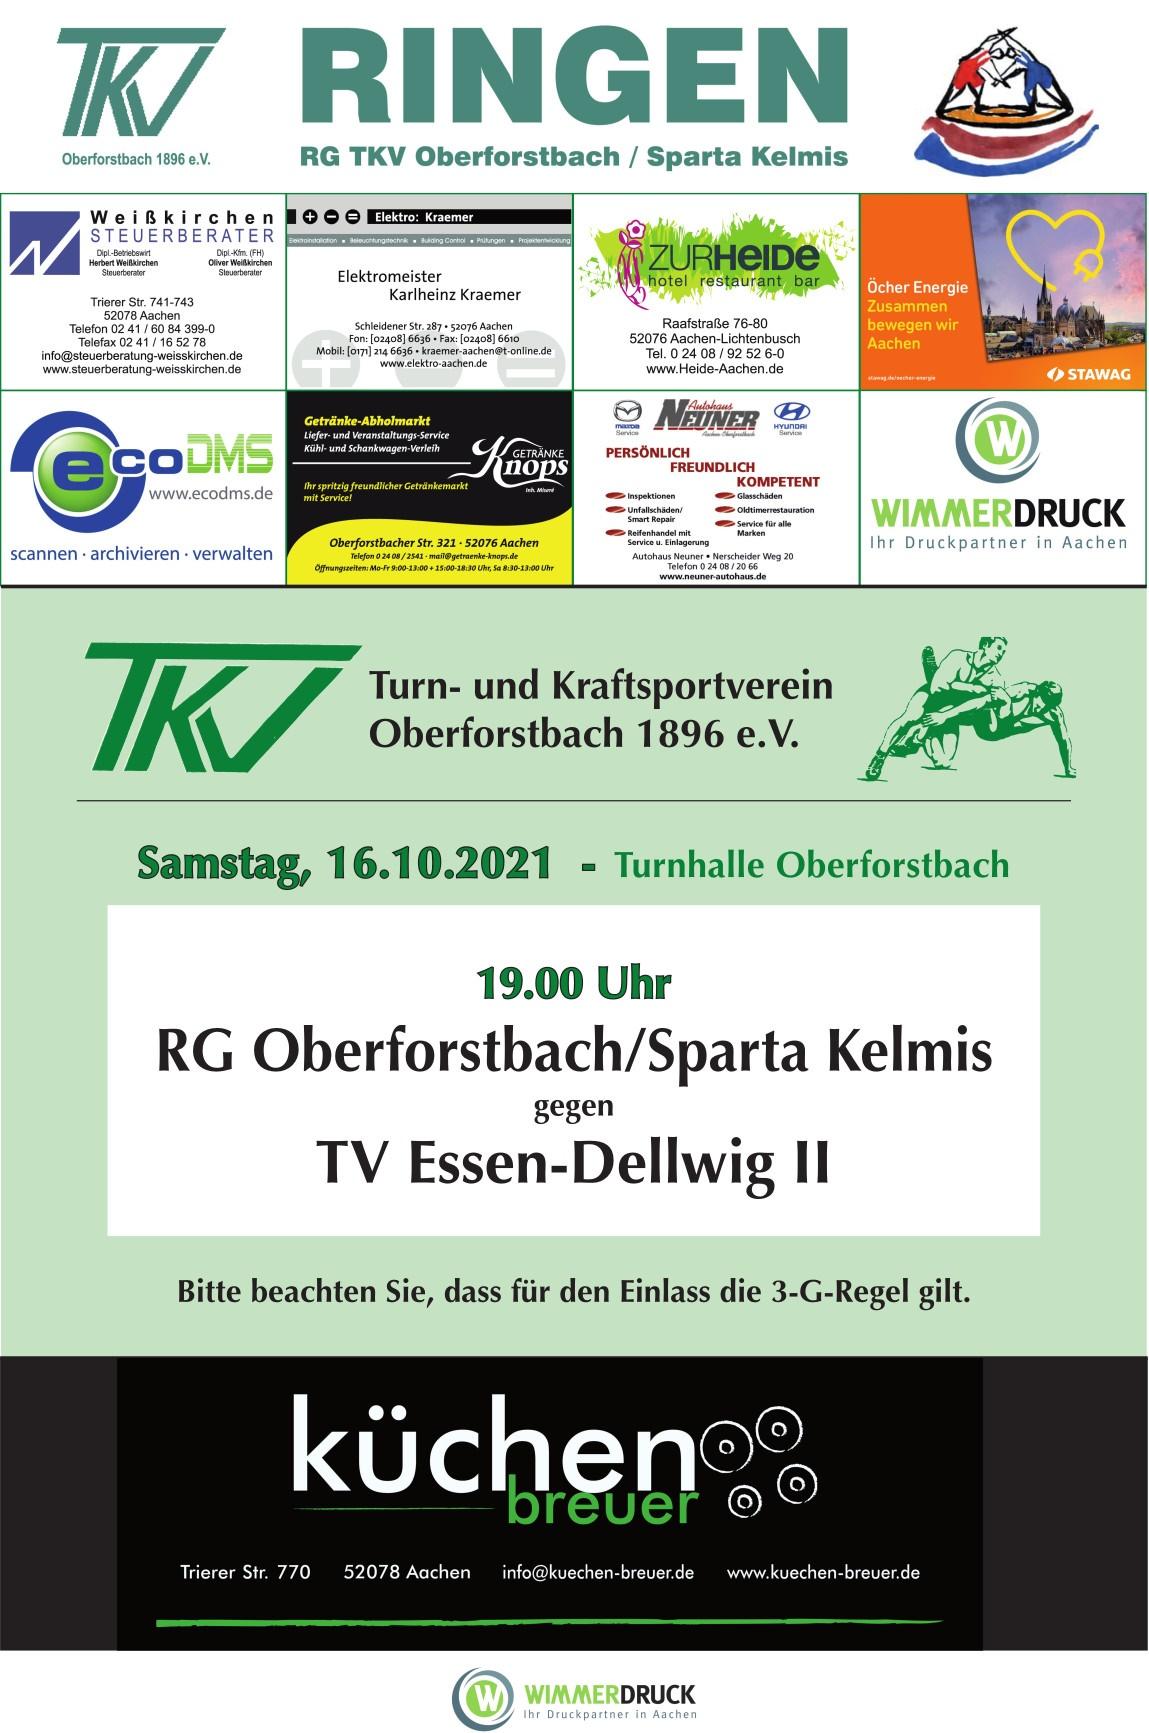 http://www.tkv-oberforstbach.de/wb/media/2021/Plakate/Plakate_2021_2.jpg